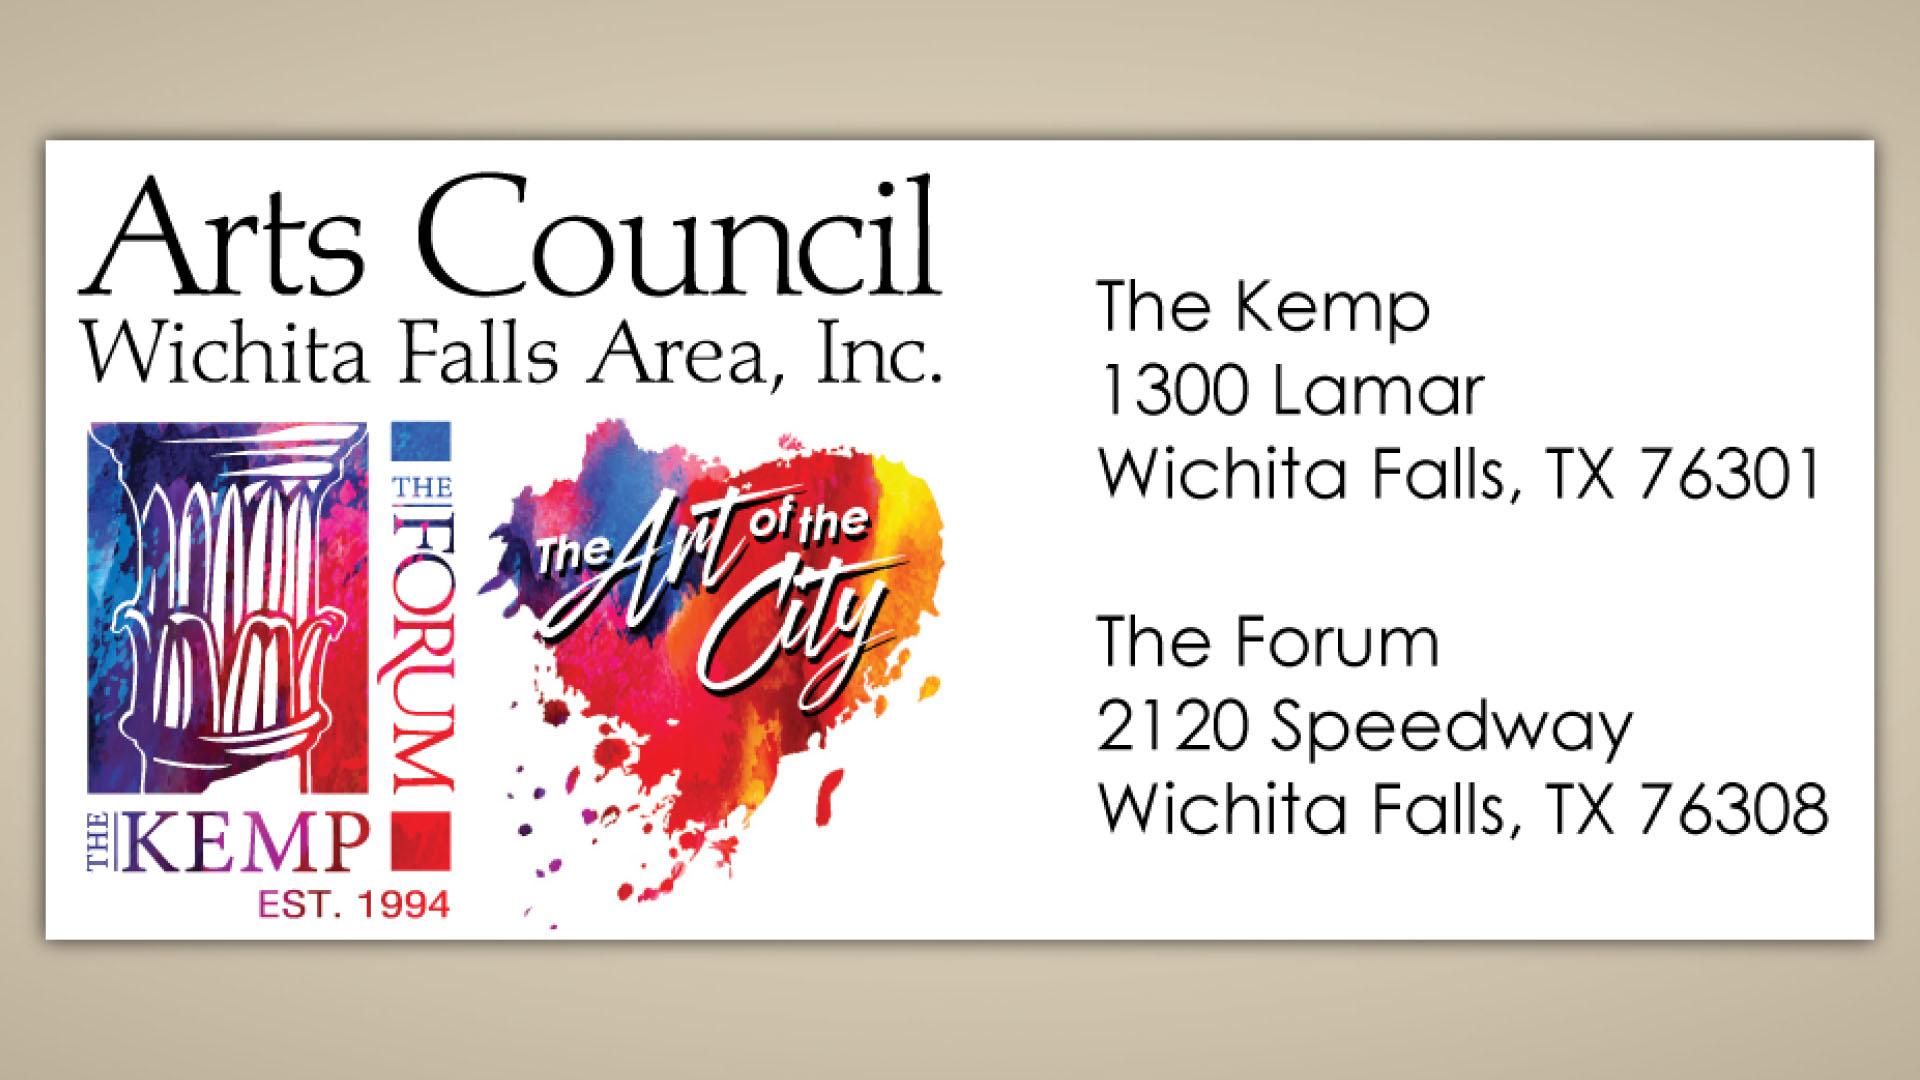 Arts Council WF / Forum / Kemp